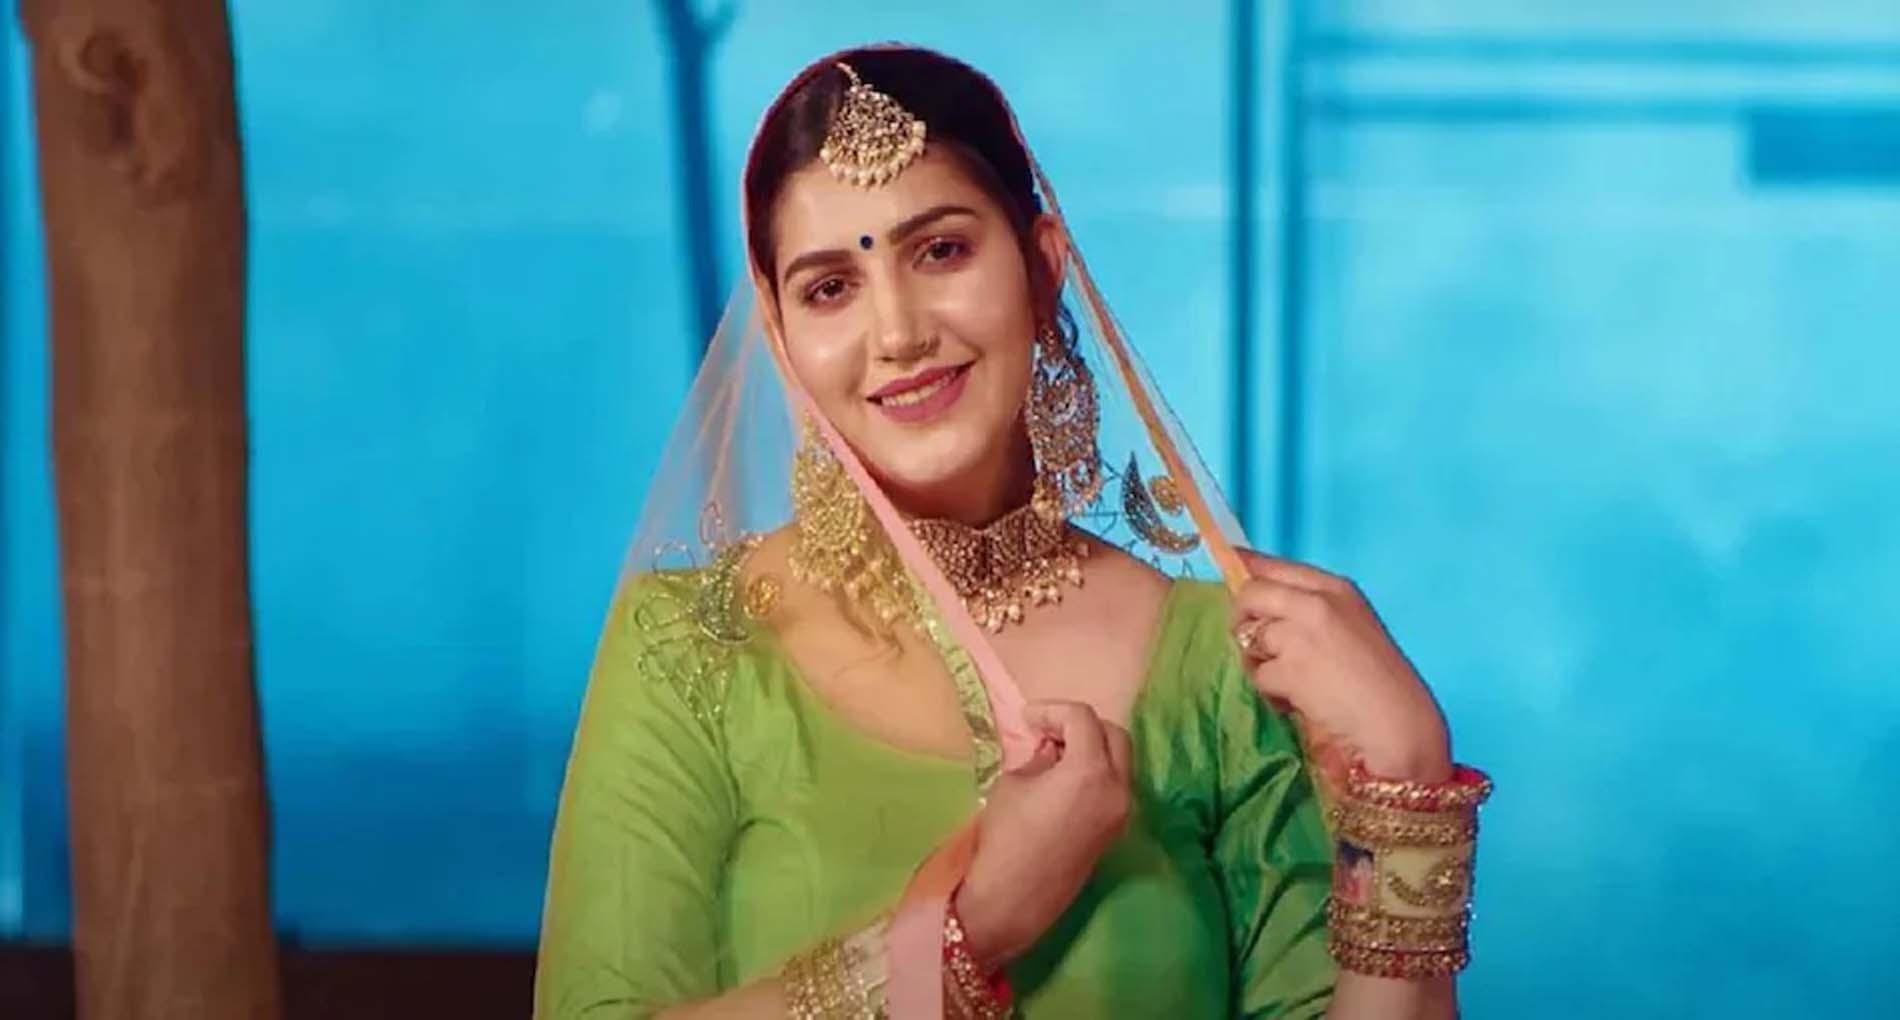 Haryanvi Song Patli Kamar Teaser: सपना चौधरी के नए गाने का टीजर रिलीज! देखें एक झलक